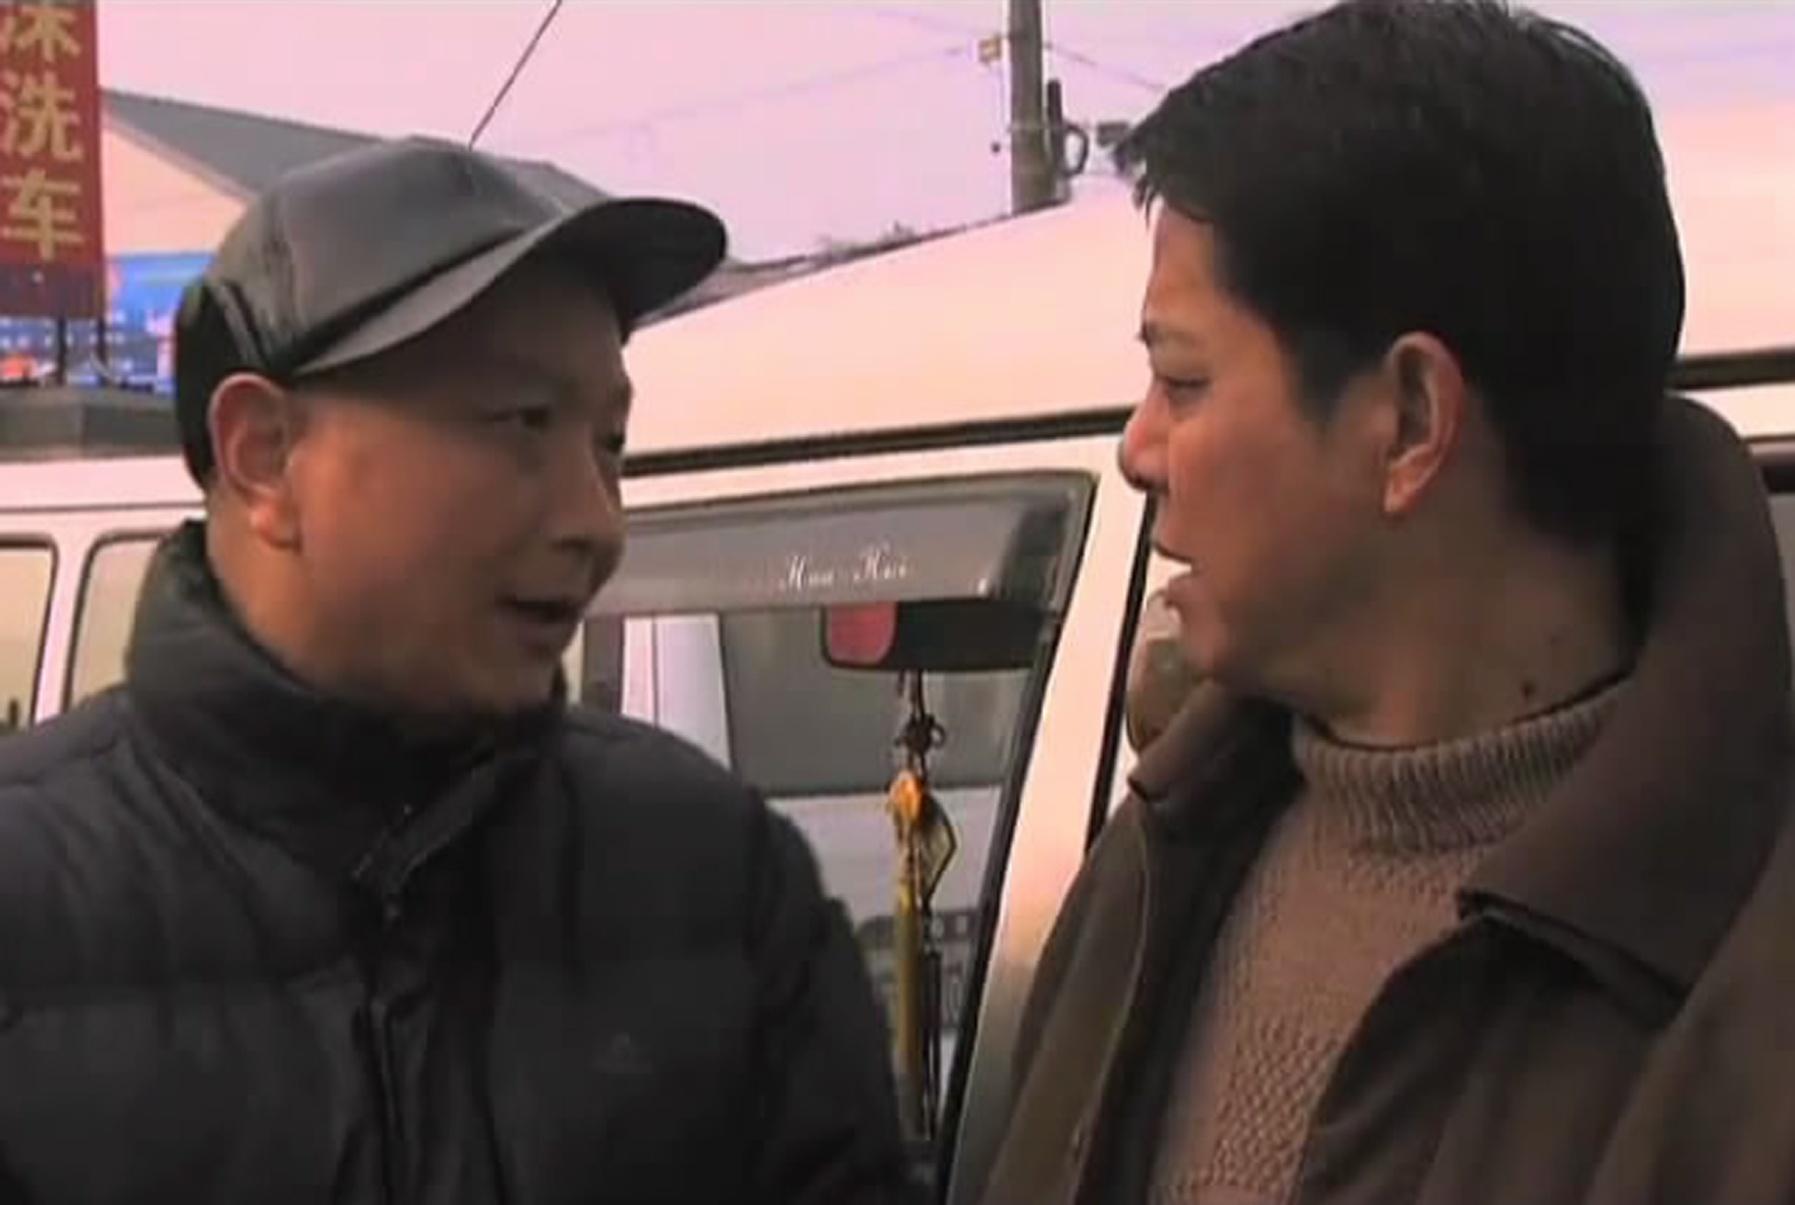 瑾娘_电影剧照_图集_电影网_1905.com